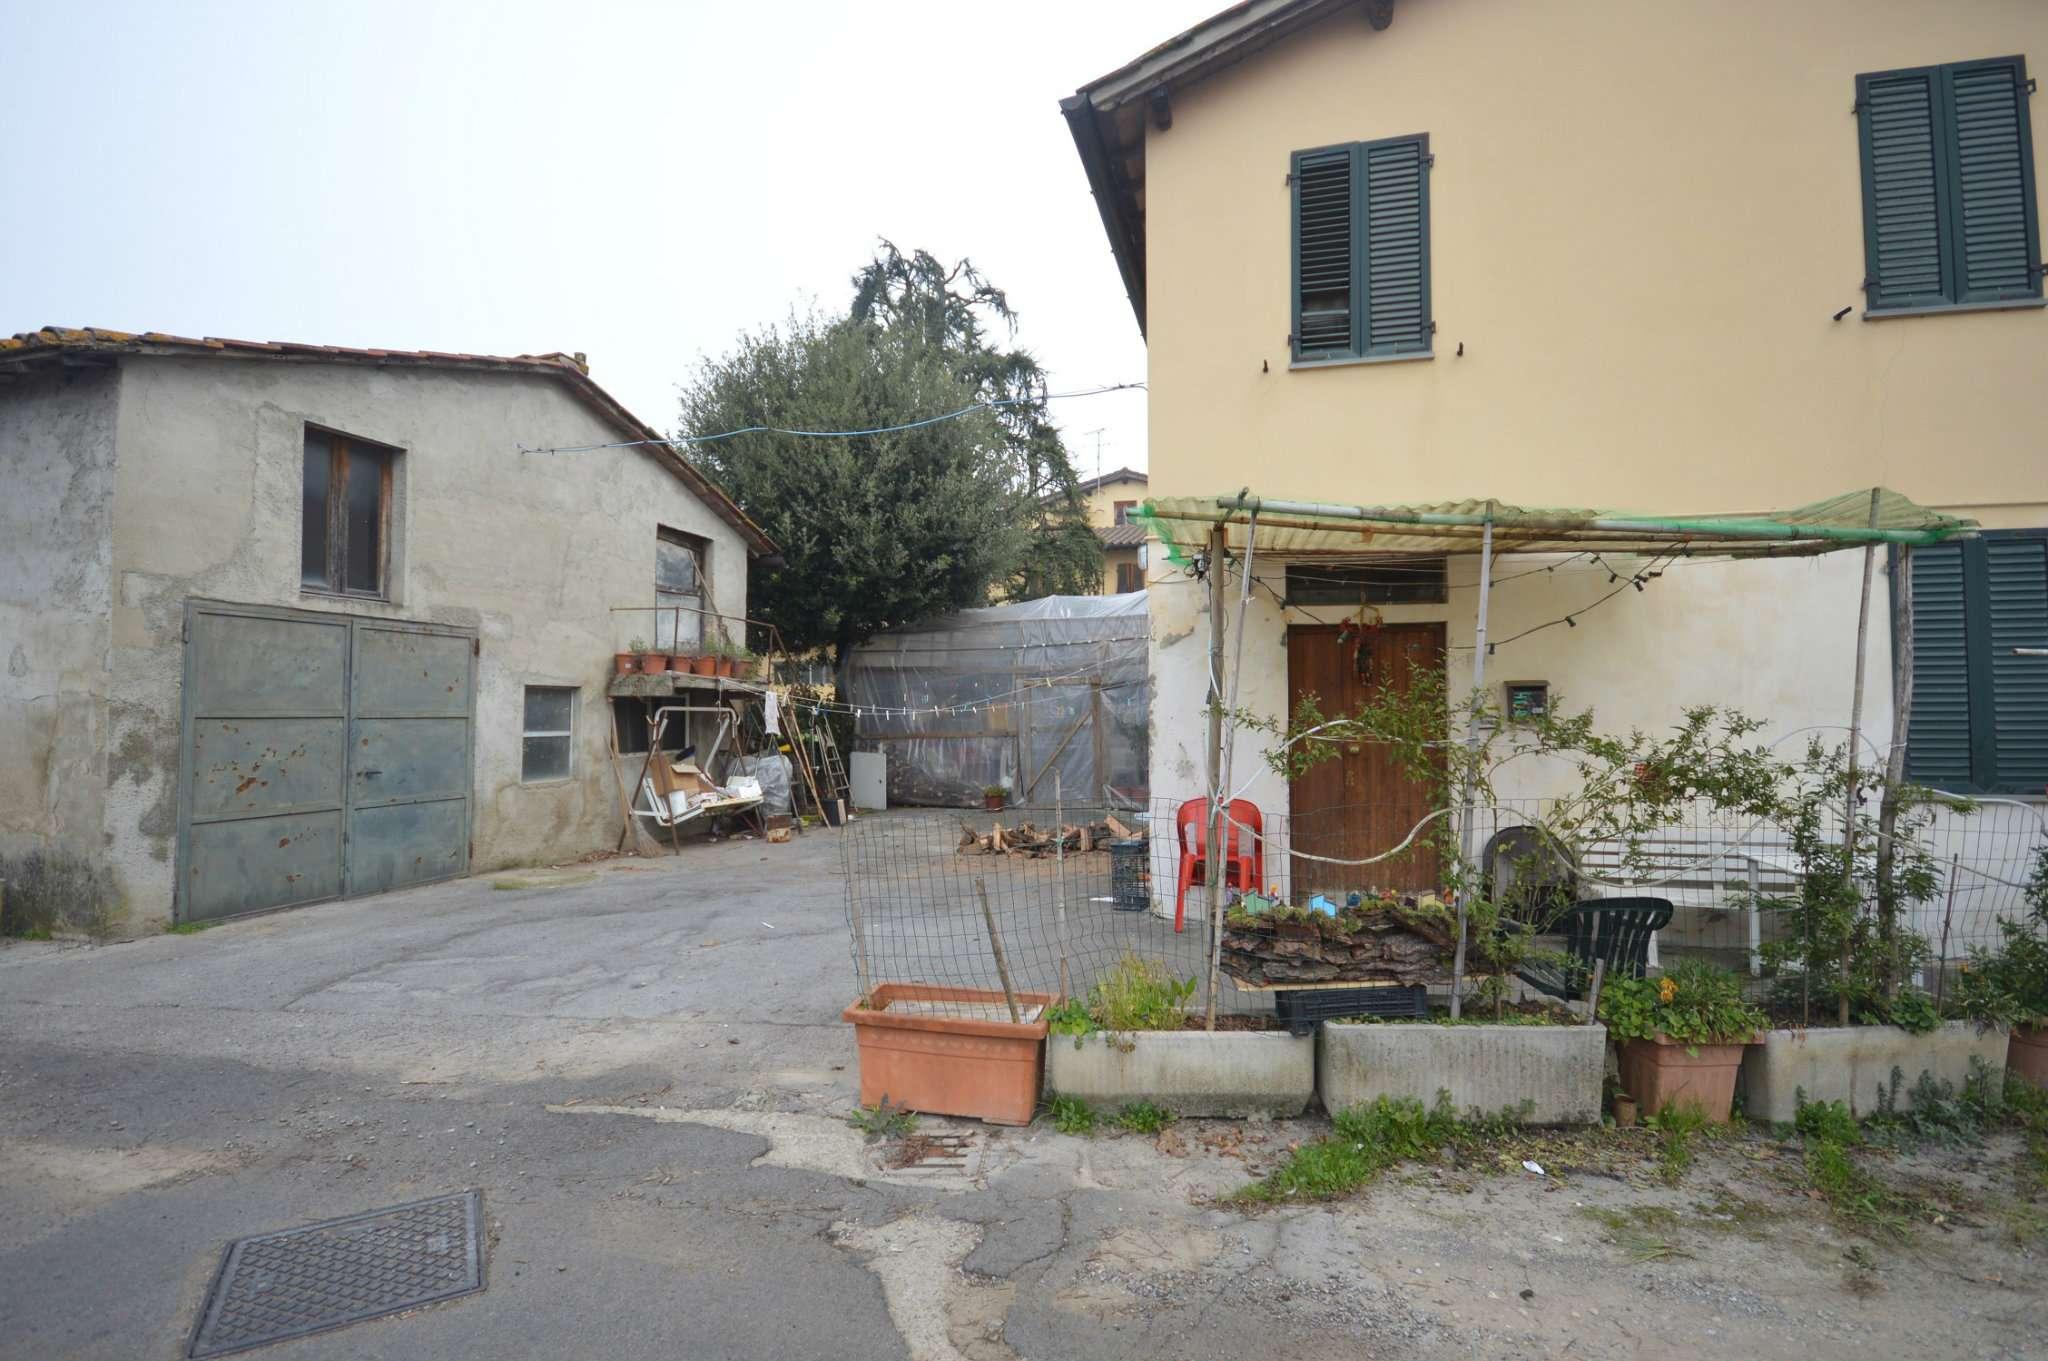 Soluzione Indipendente in vendita a Montevarchi, 8 locali, prezzo € 150.000 | Cambio Casa.it